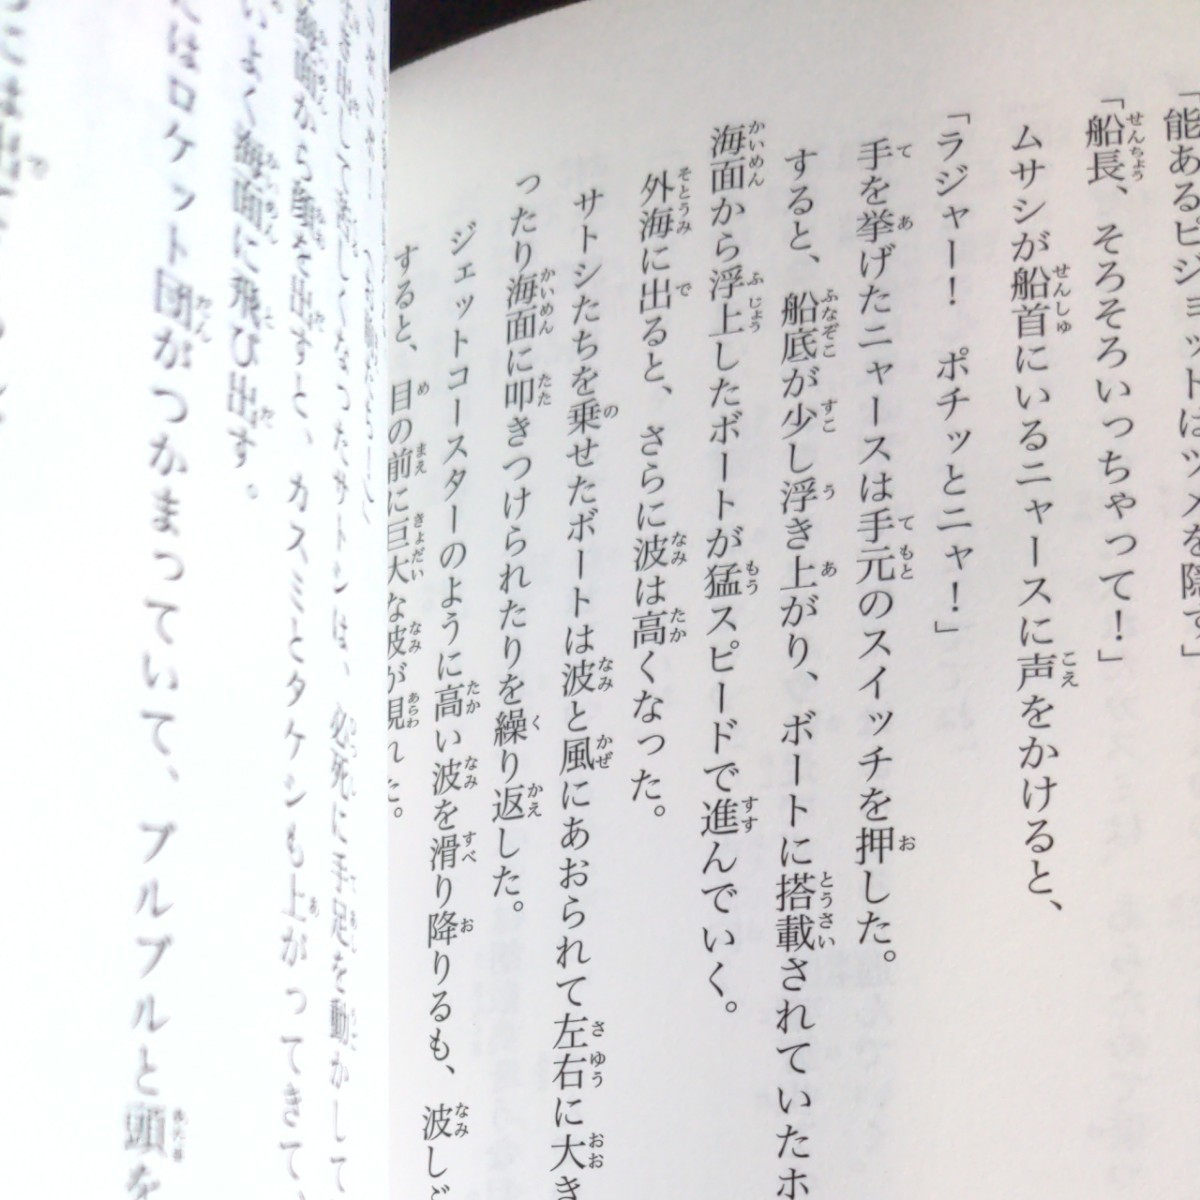 小学館ジュニア文庫 ミュウツーの逆襲 ポケモン